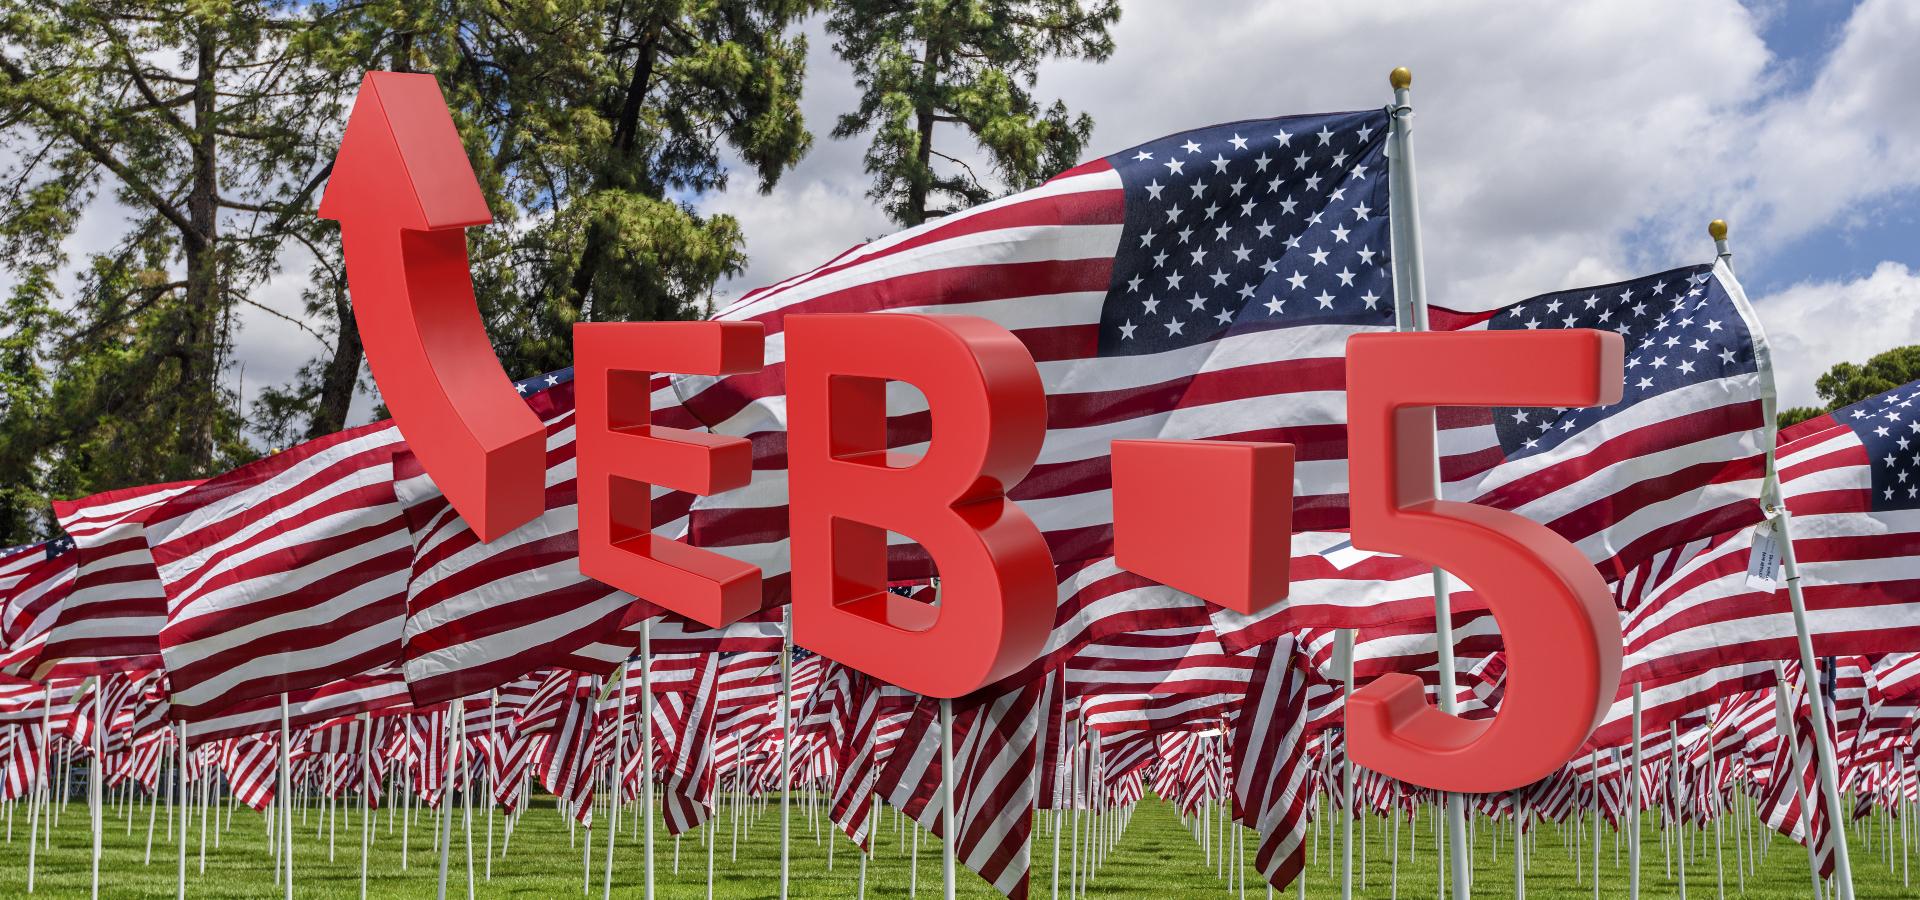 amerika yatırım vizesi eb-5 atlantik danışmanlık